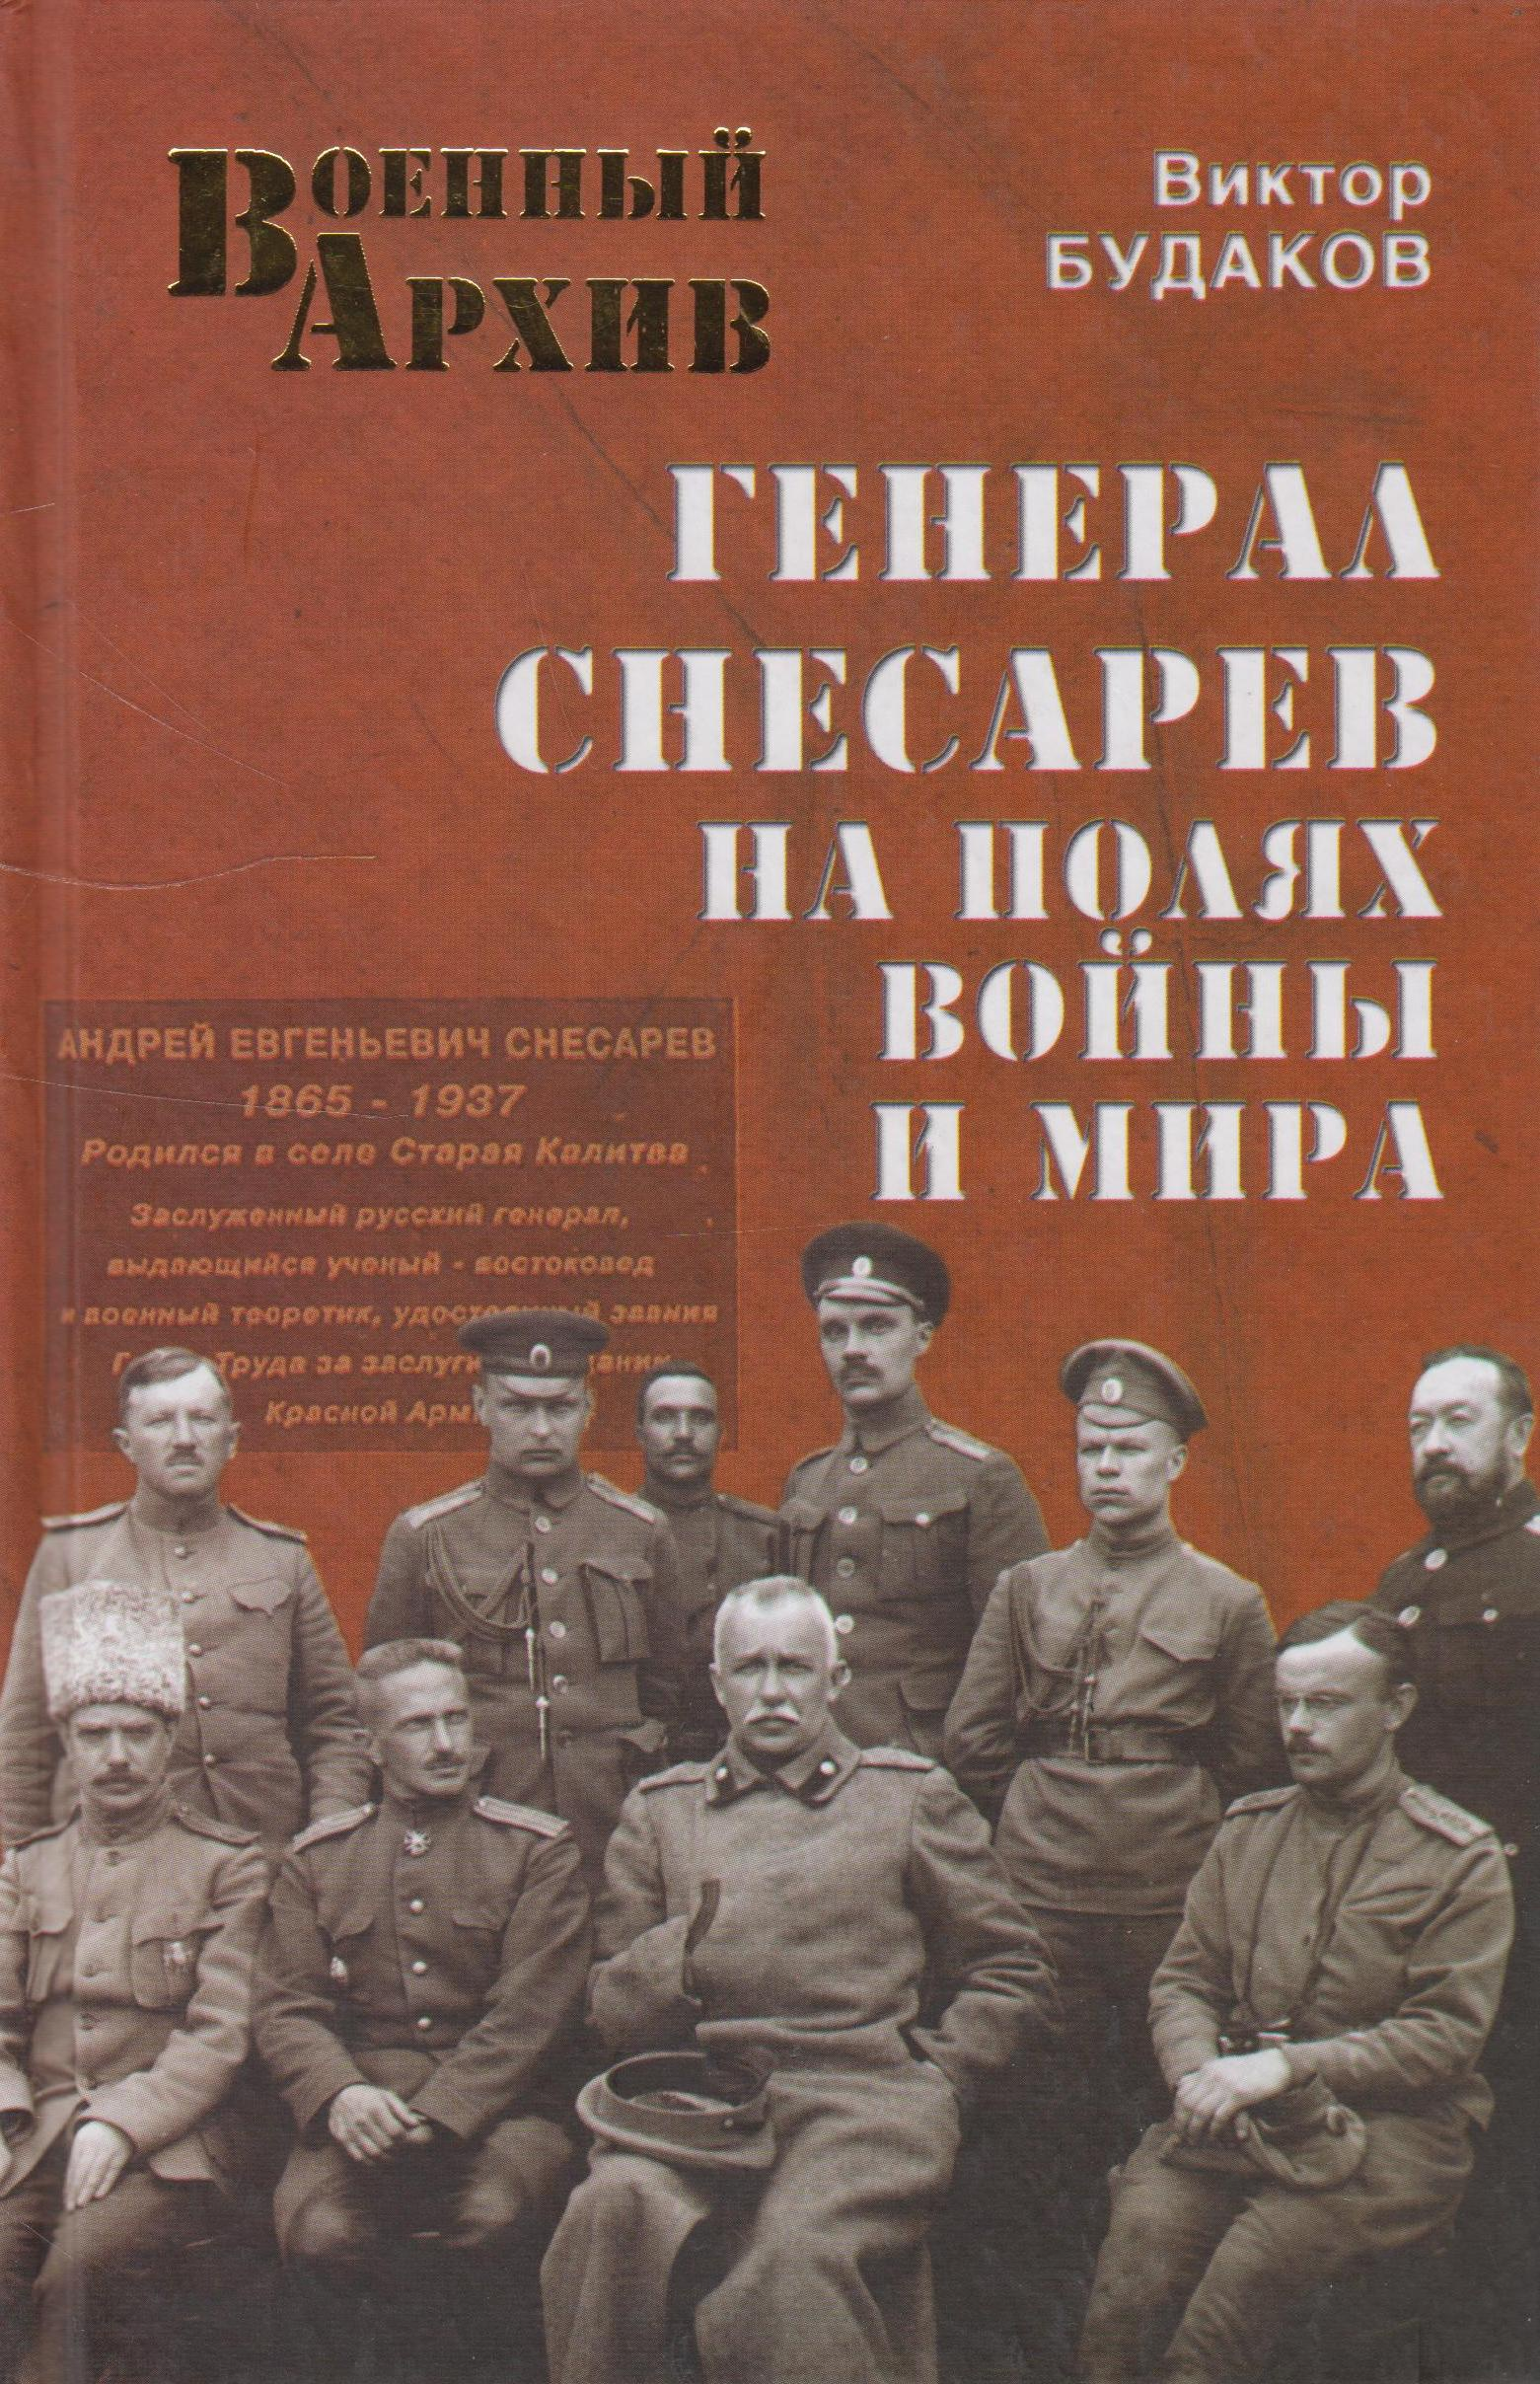 Будаков Виктор Викторович Генерал Снесарев на полях войны и мира